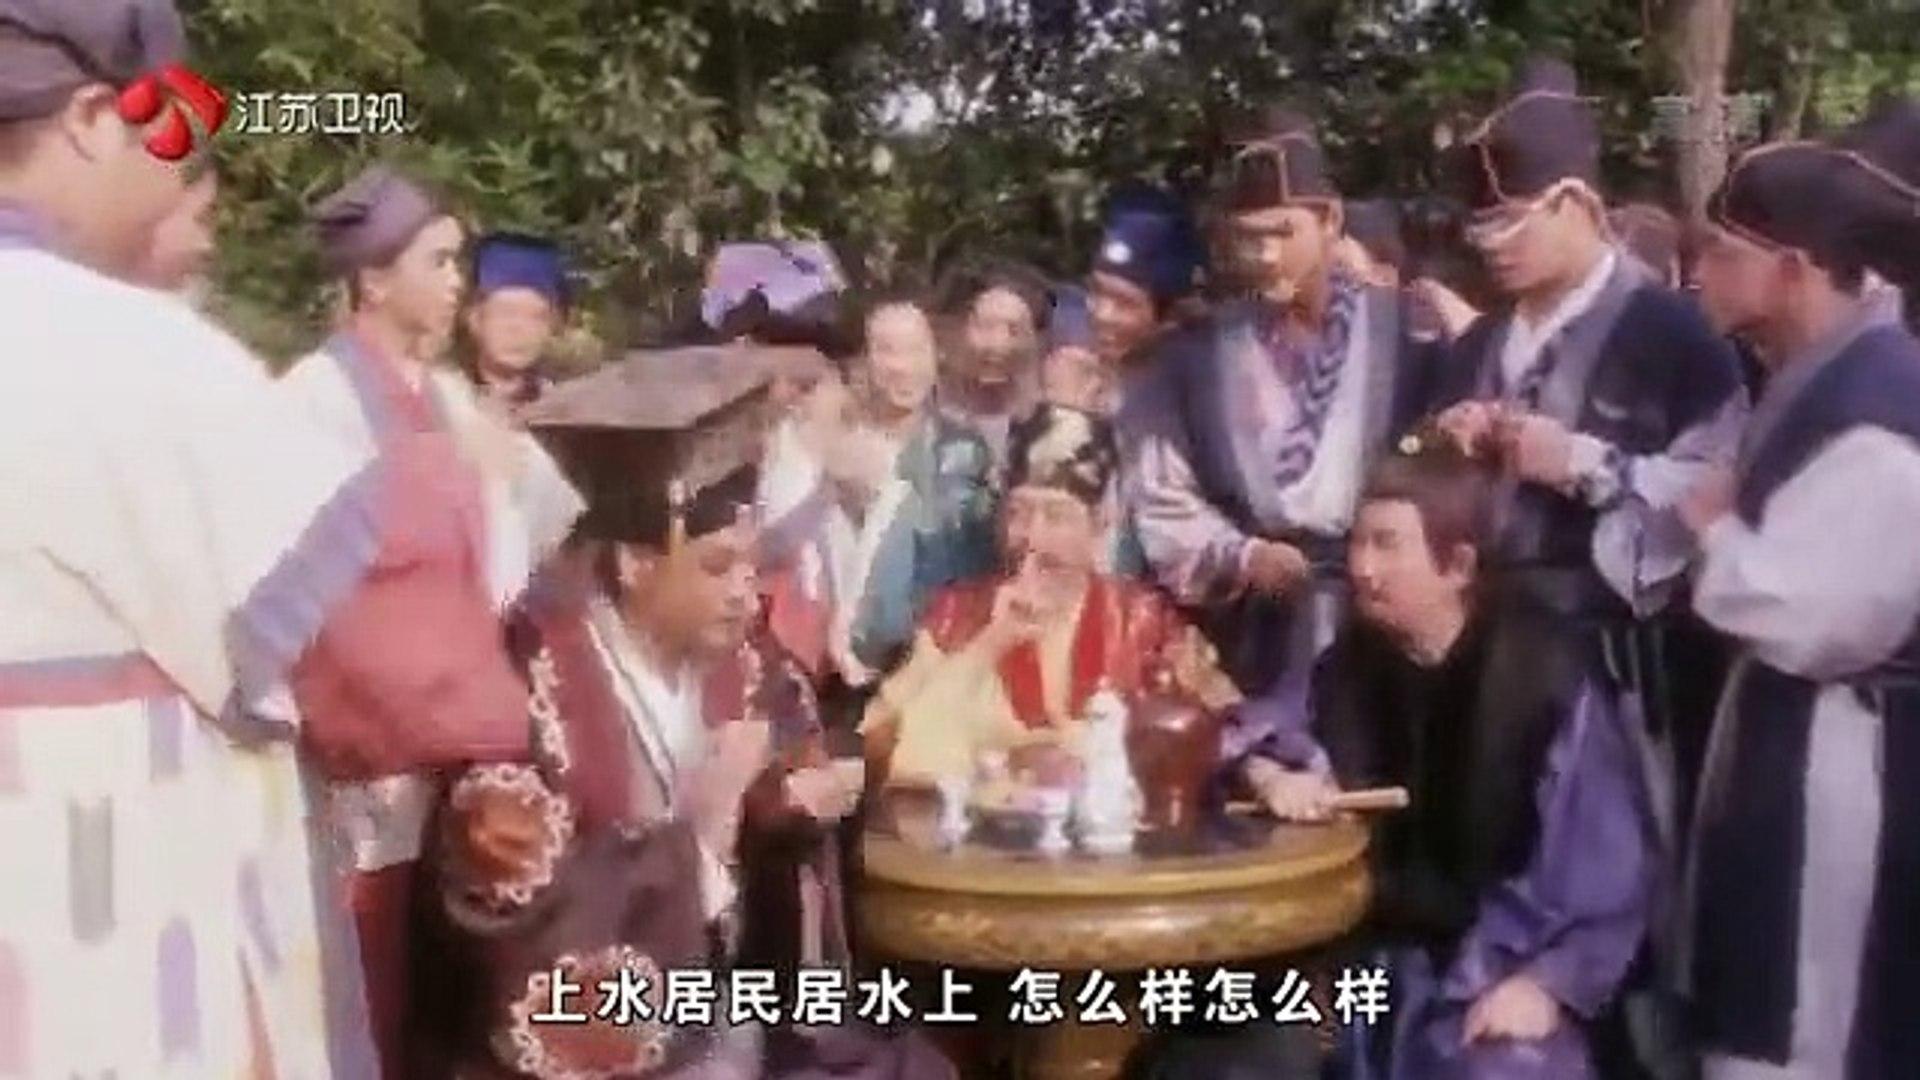 Phim Lớp Học Siêu Quậy HD Lồng Tiếng Trương Vệ Kiện Quách Phú Thành part 2/3